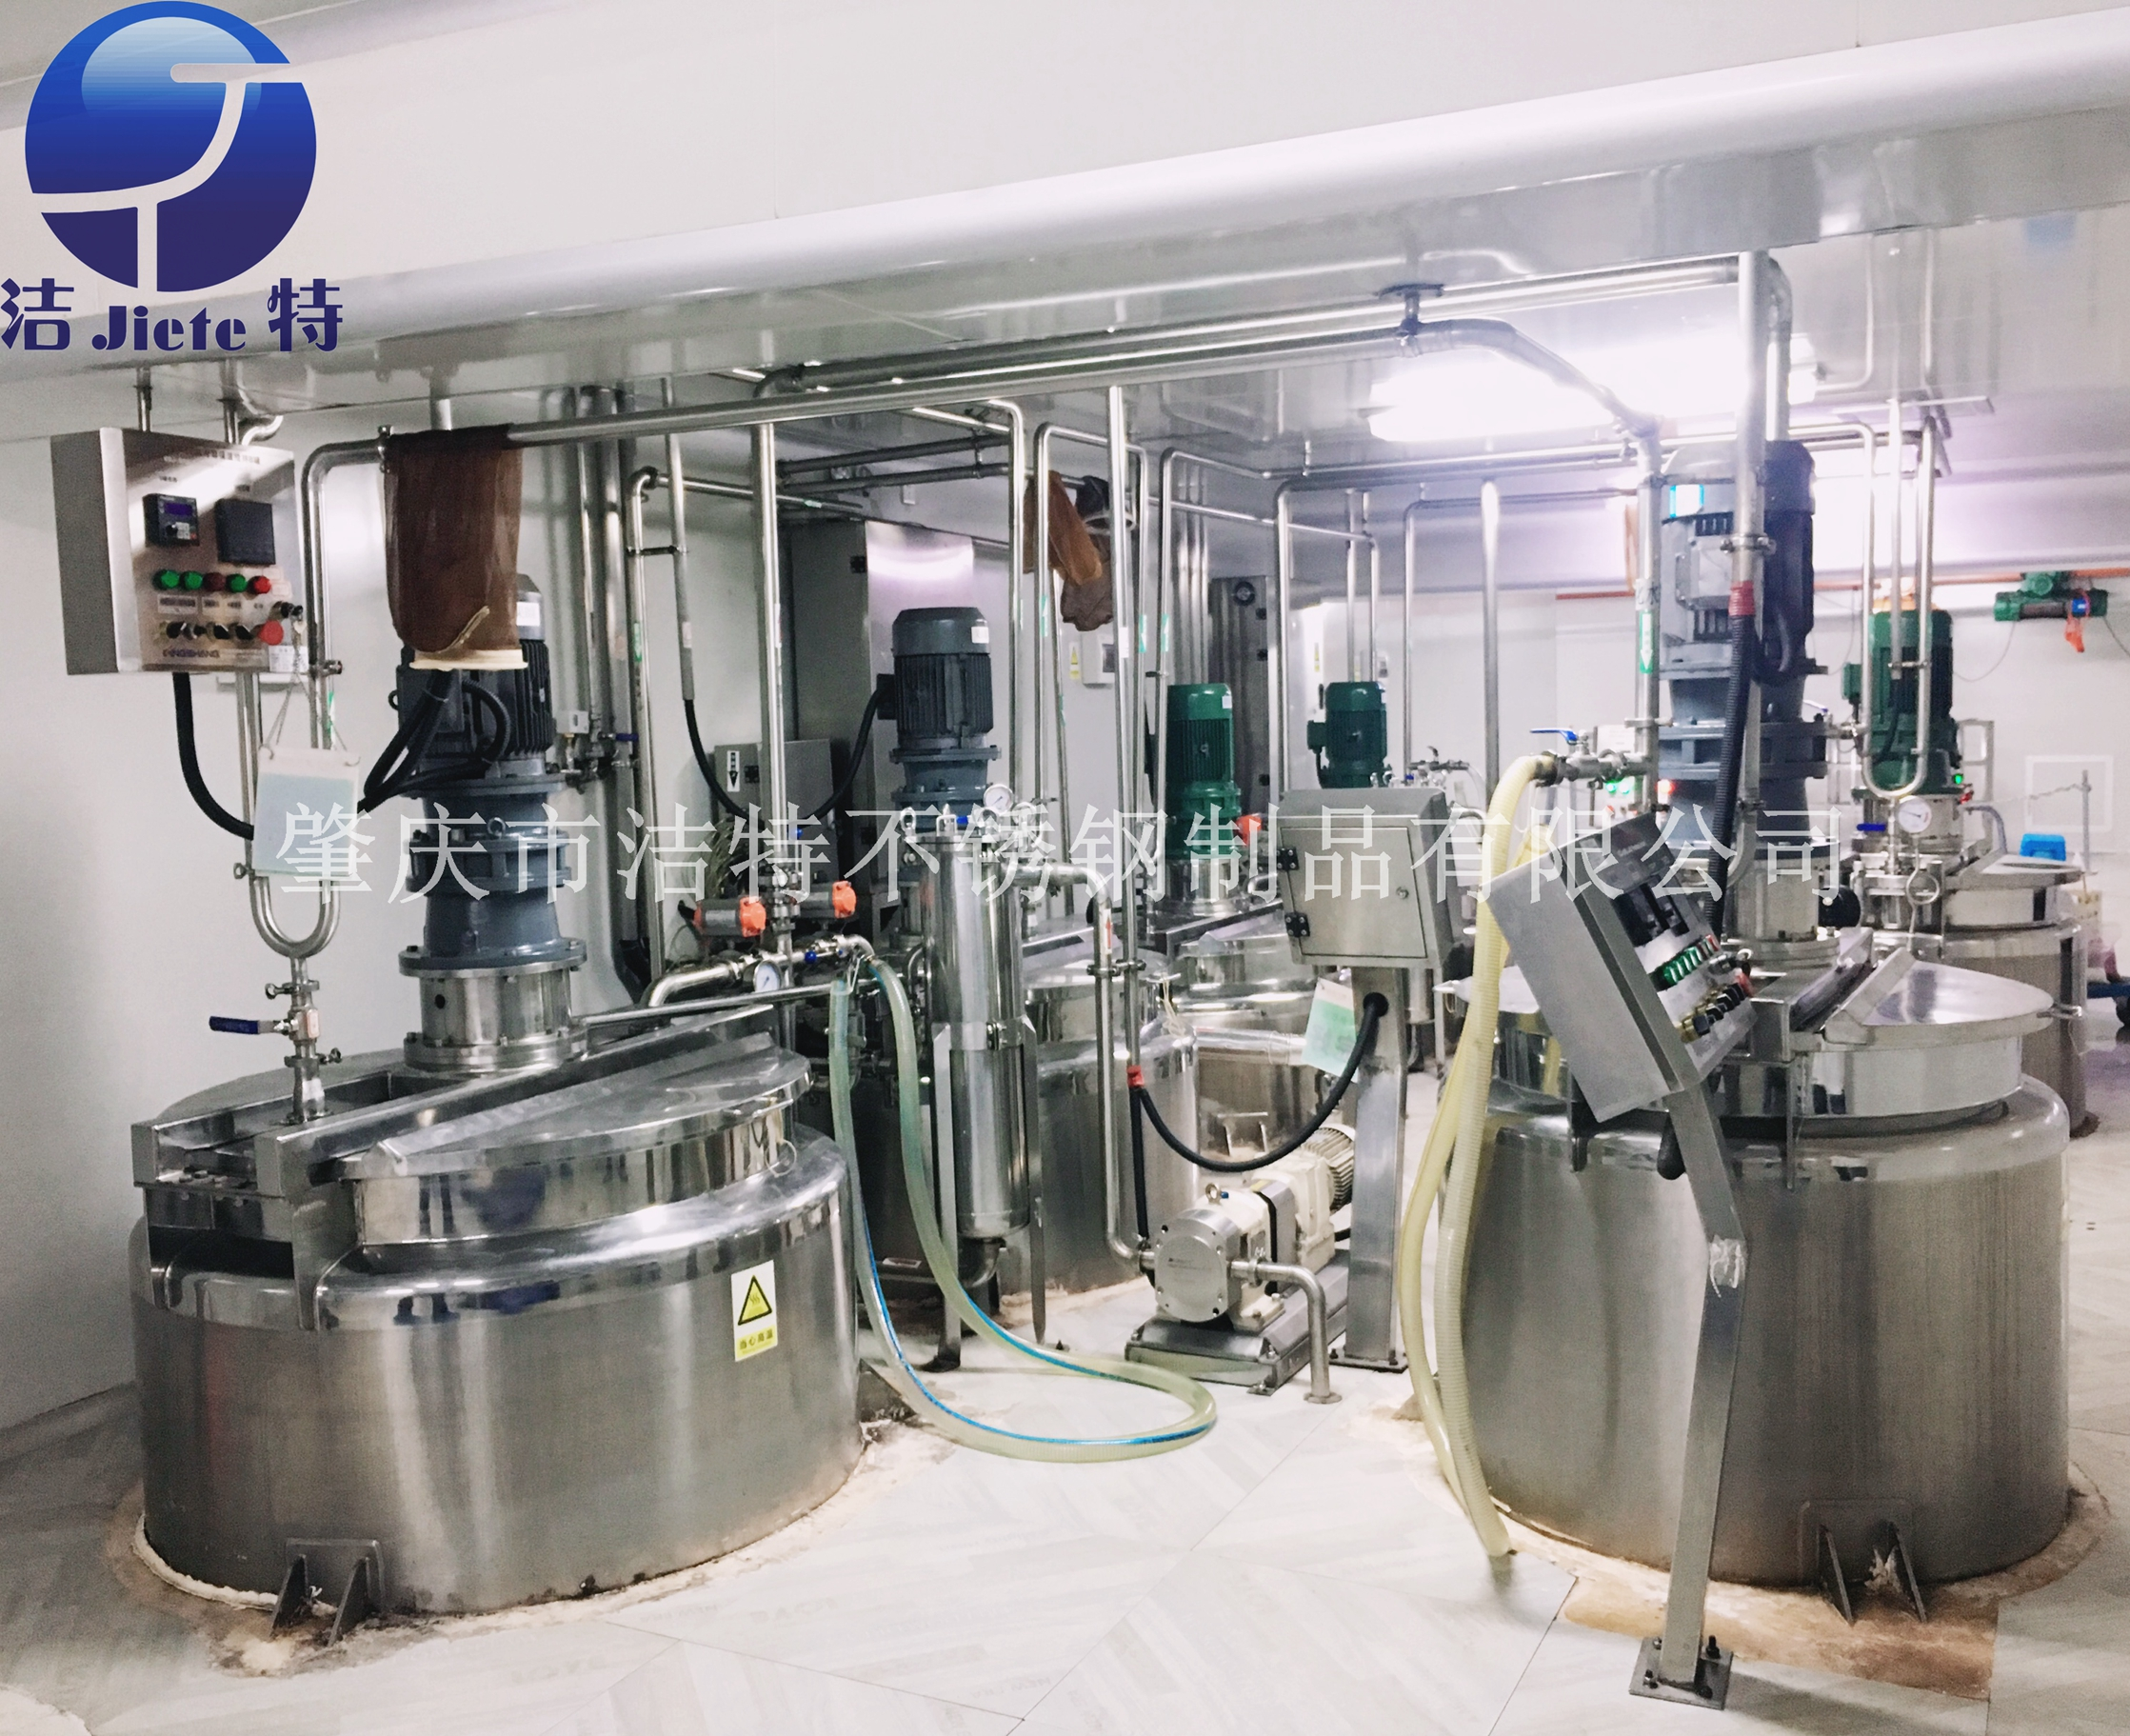 湛江食品生产设备厂家电话_休闲食品加工机械相关-肇庆市高要区洁特不锈钢制品有限公司